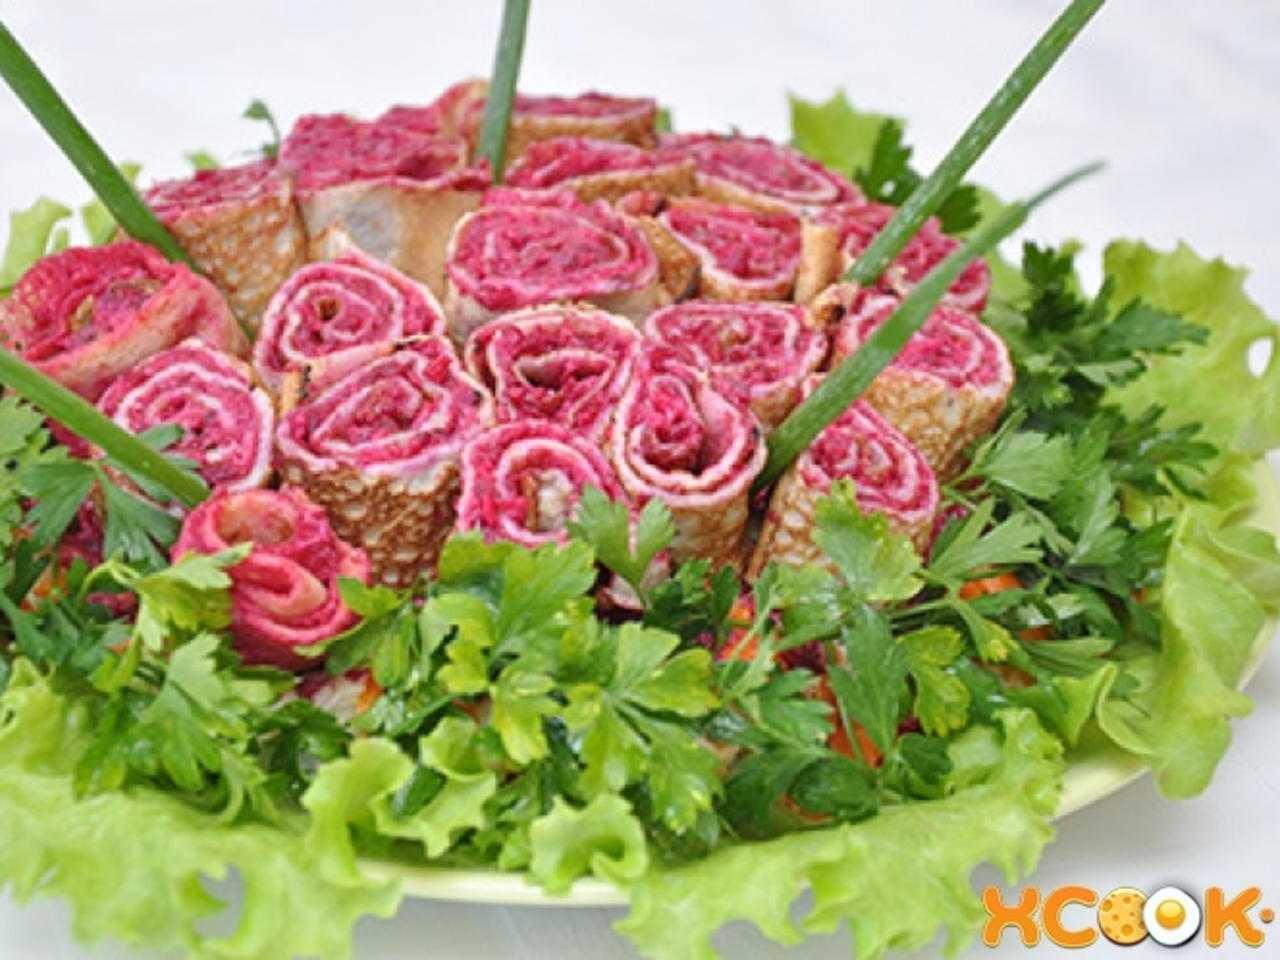 Готовим салат Букетик: поиск по ингредиентам, советы, отзывы, пошаговые фото, подсчет калорий, удобная печать, изменение порций, похожие рецепты